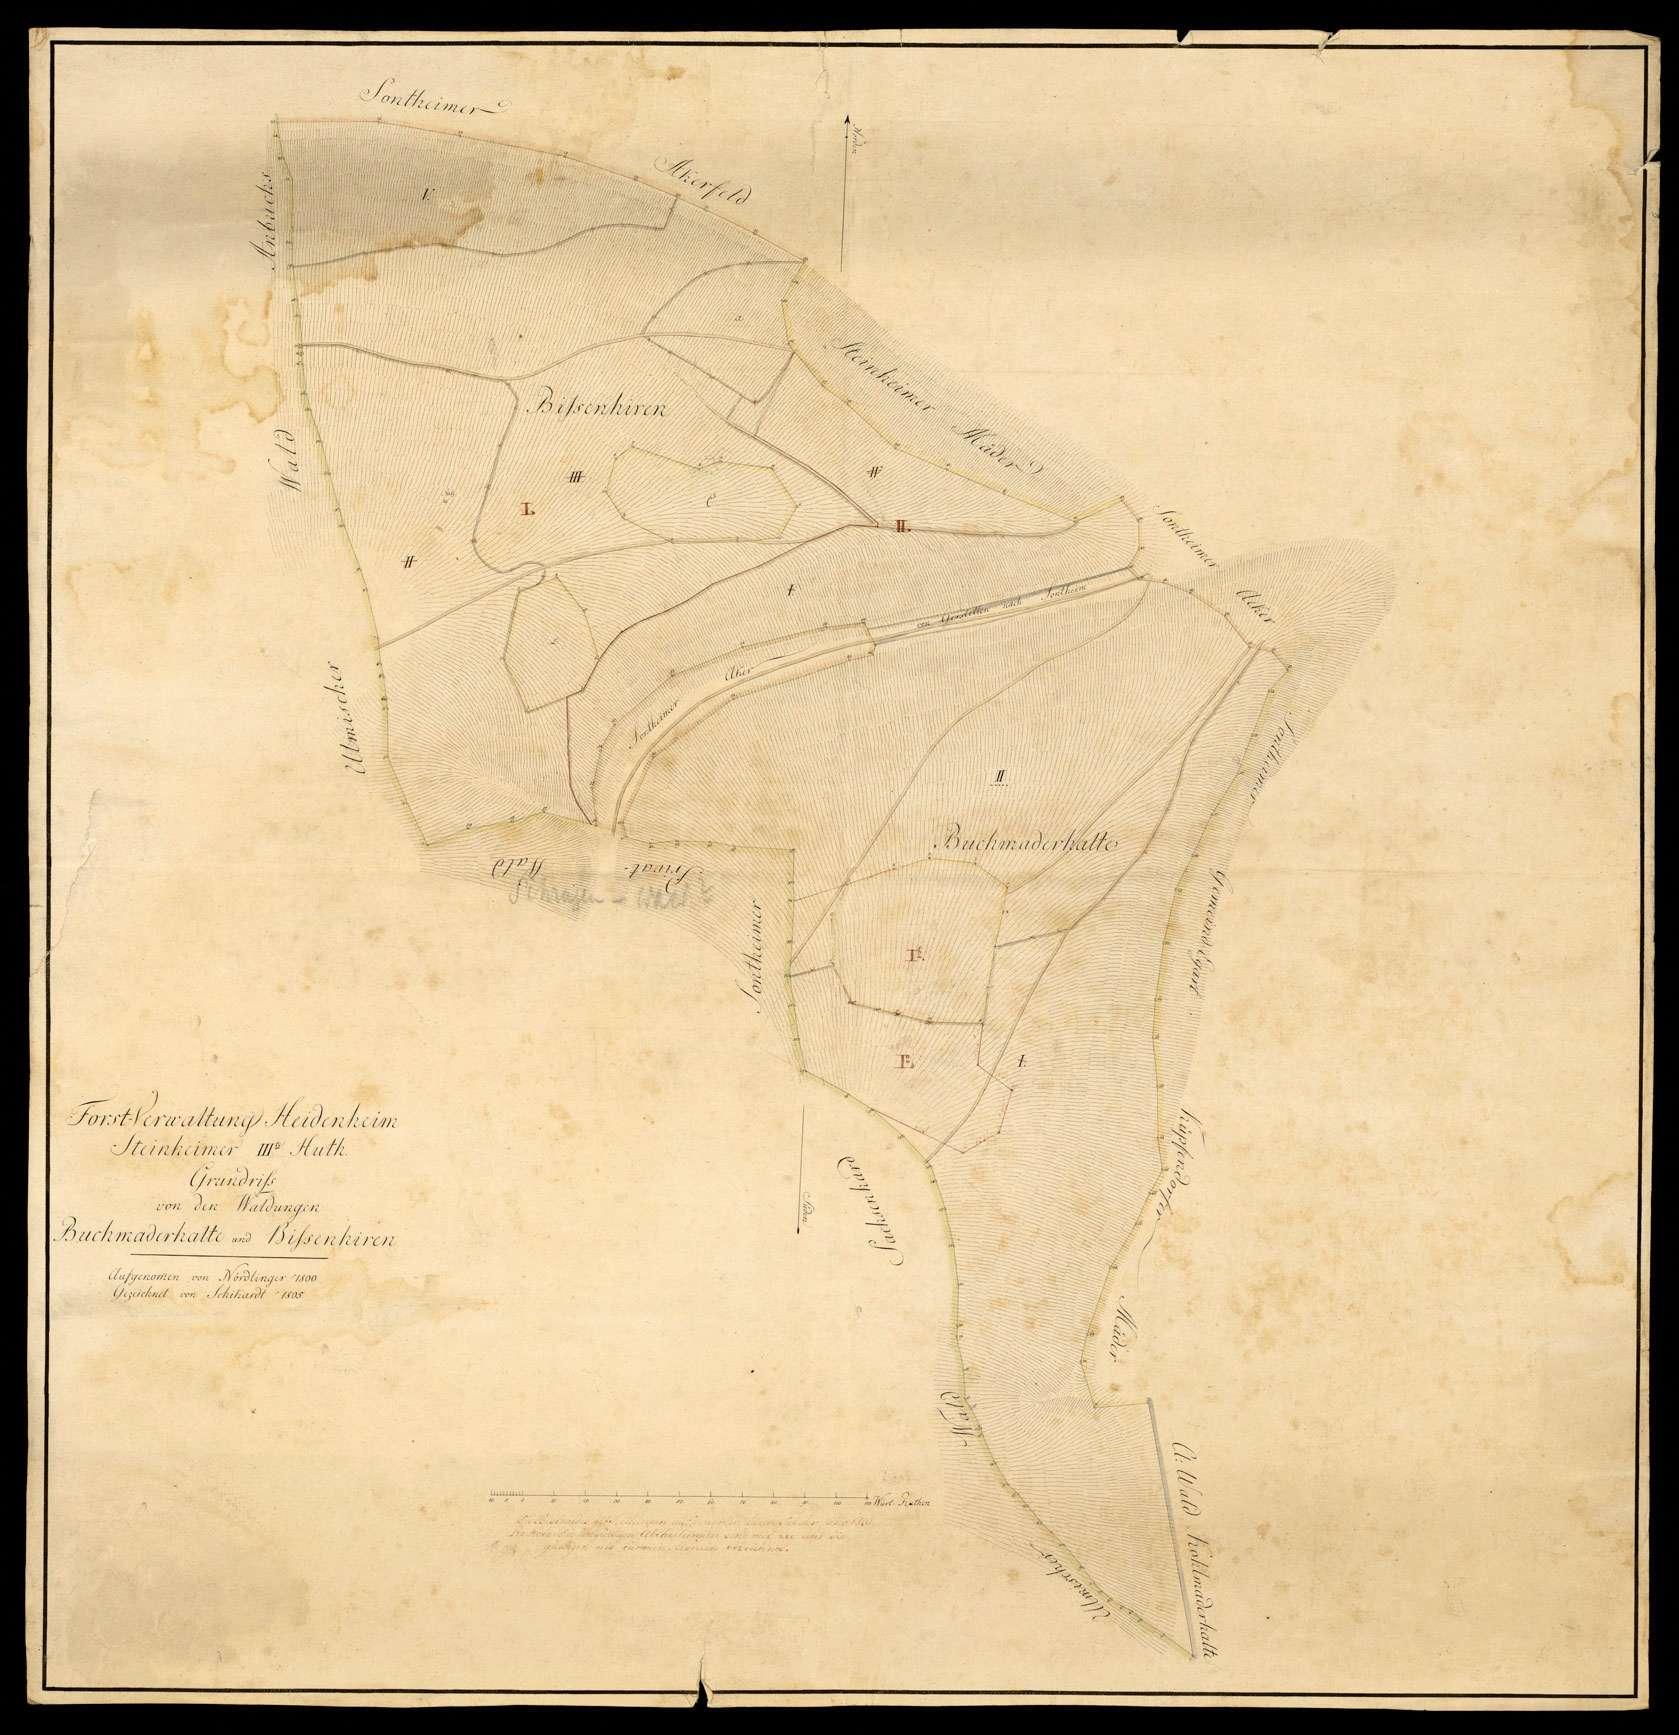 """""""Forstverwaltung Heidenheim: Steinheimer IIIte Hut. Grundriss von den Waldungen Buchmaderhalte und Bissenhirren. Aufgenommen von Nördlinger 1800, gezeichnet von Schickardt 1805"""", Bild 1"""